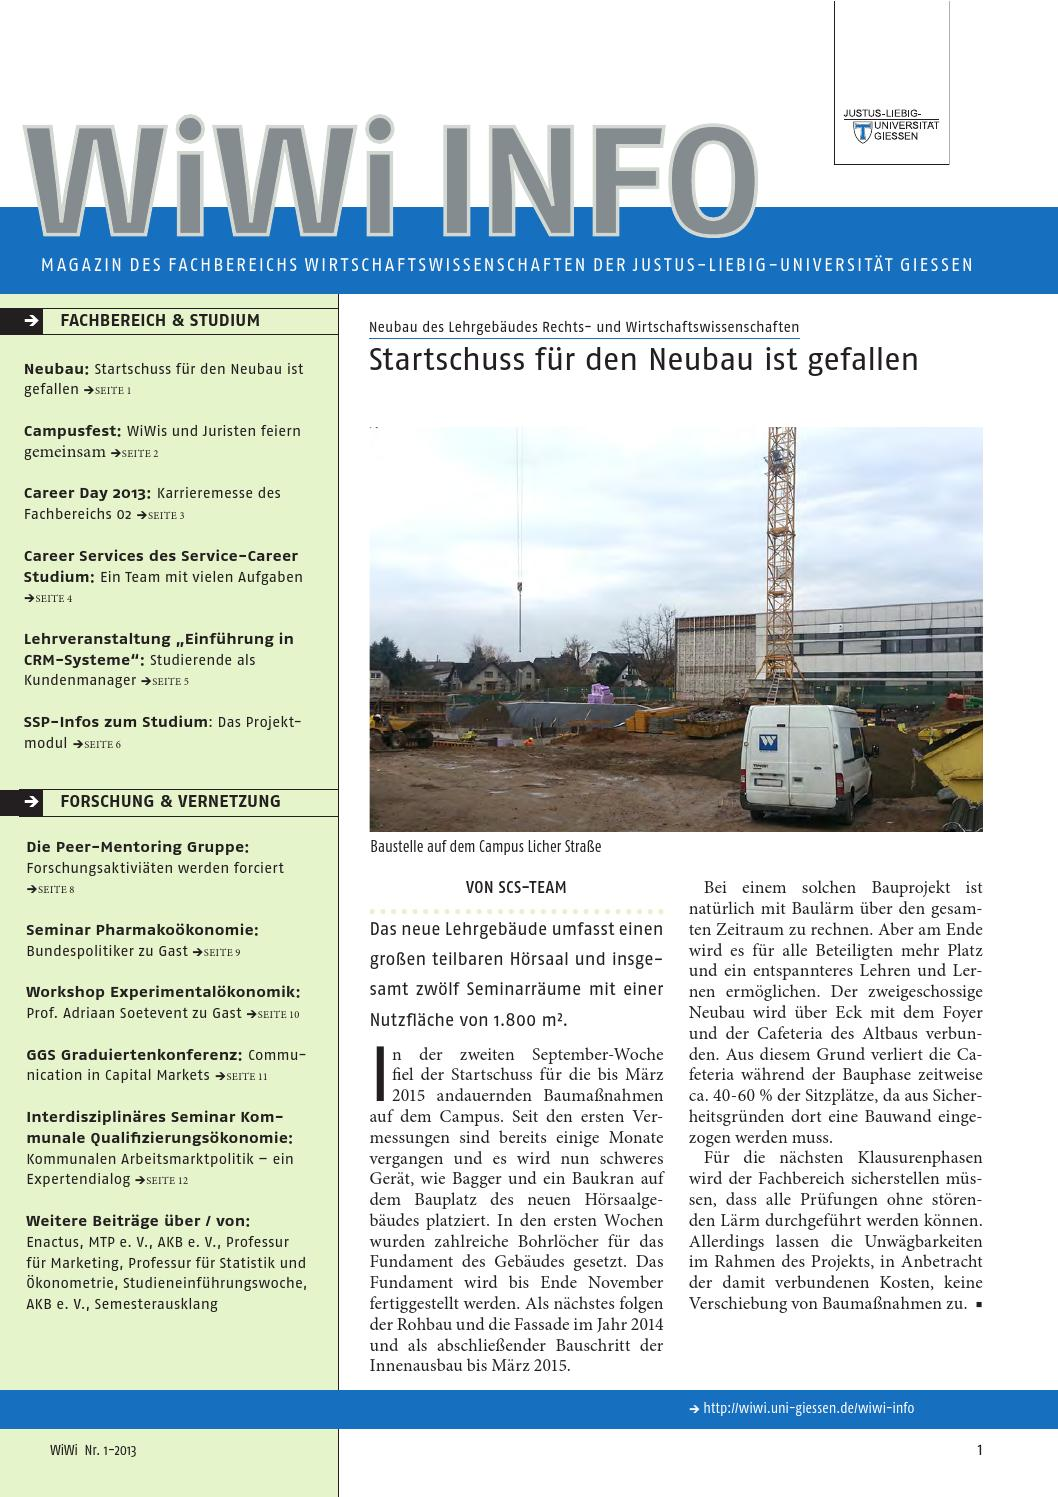 Wiwi Info 1-2013 by Fachbereich Wirtschaftswissenschaften der  Justus-Liebig-Universität Gießen - issuu